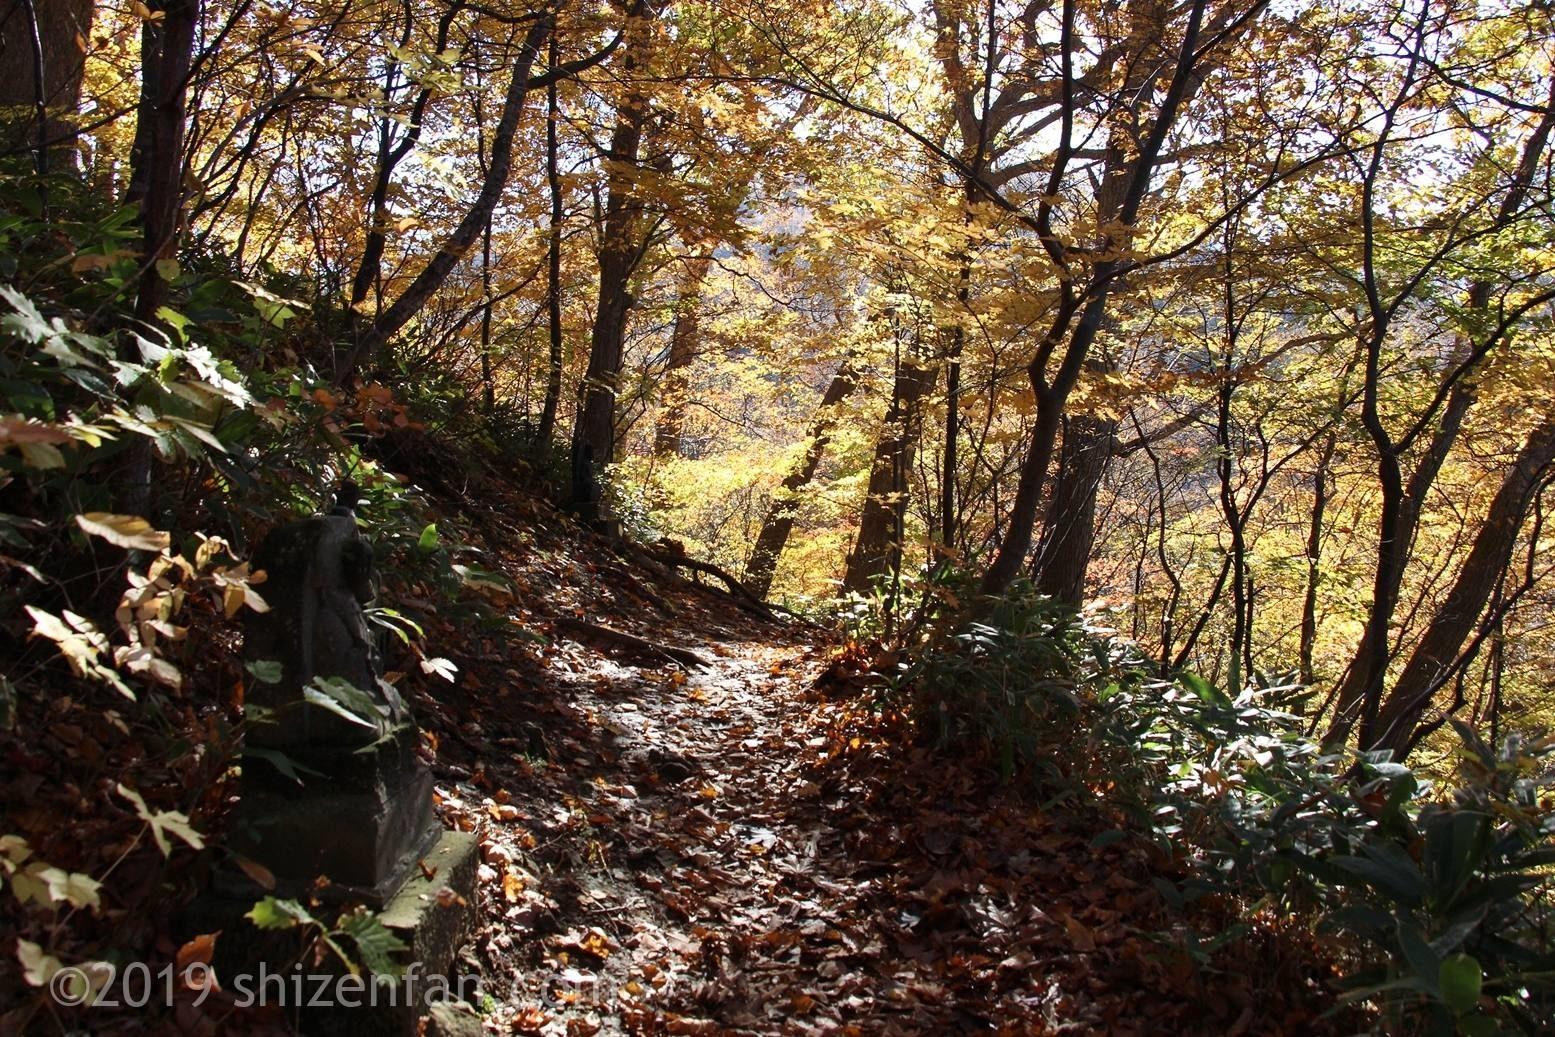 晩秋の札幌円山登山、八十八ヶ所コース登山道